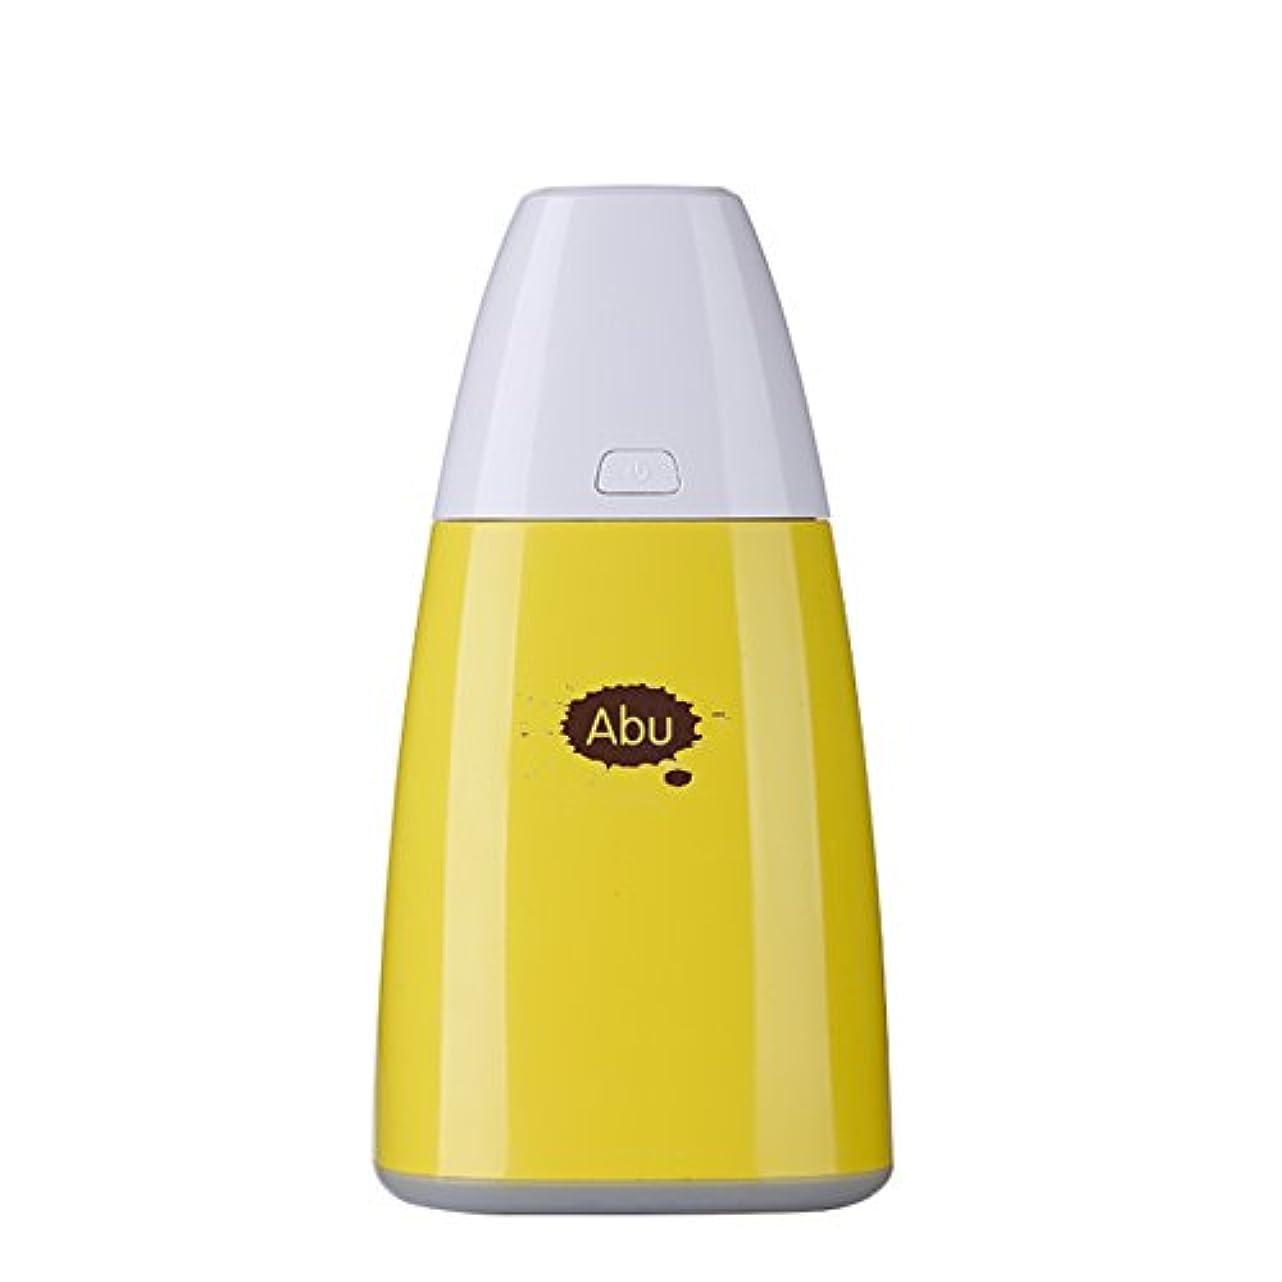 ものリムコンソールRakuby 250ml USBポータブル アロマ セラピーエッセンシャルオイル ディフューザー ミニ 超音波 クールミスト加湿器 カラフル LEDライト ホームオフィス 寝室用